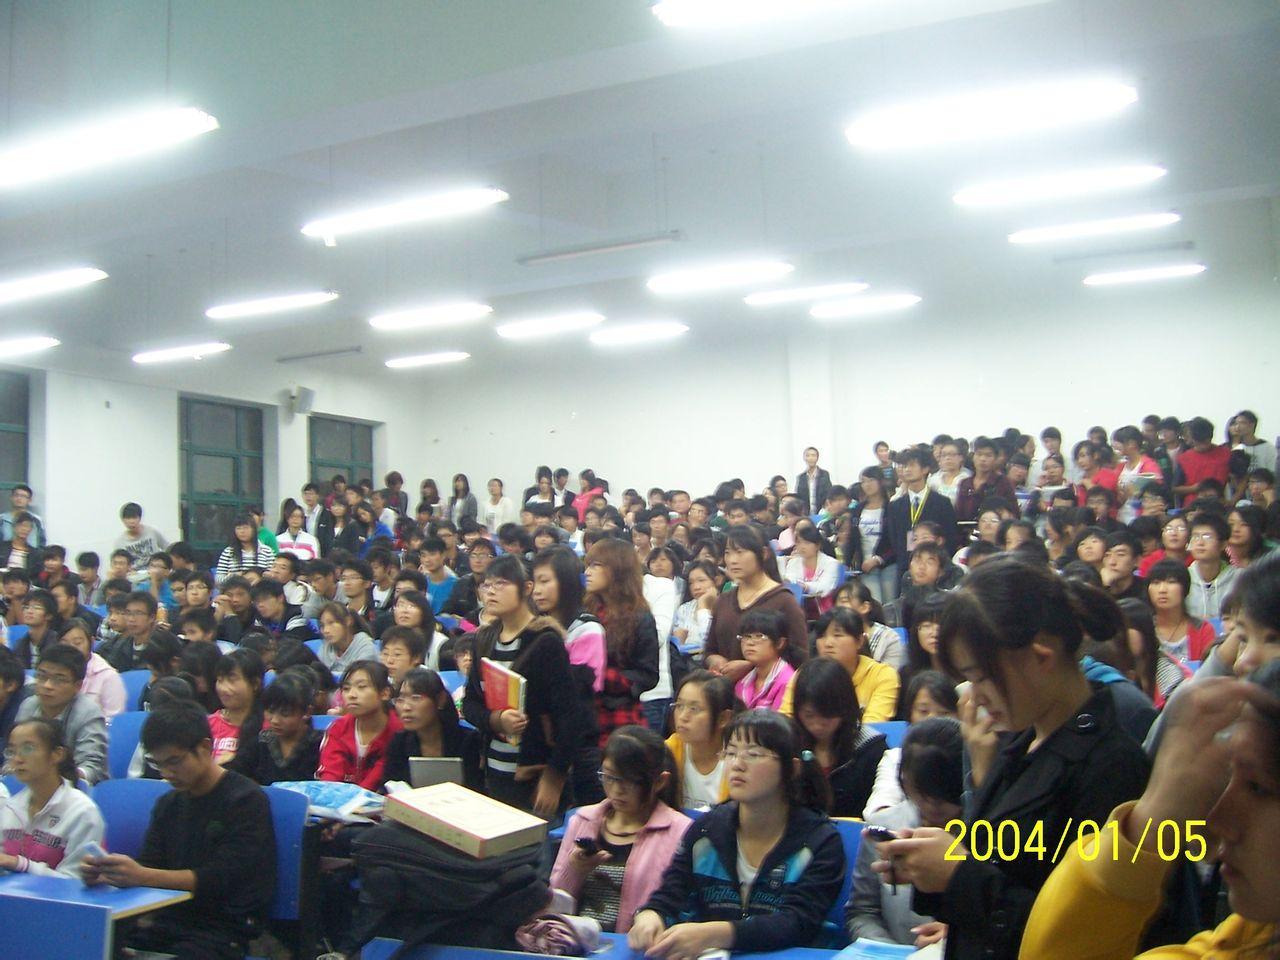 合经院大学生就业创业协会的成长照片图片